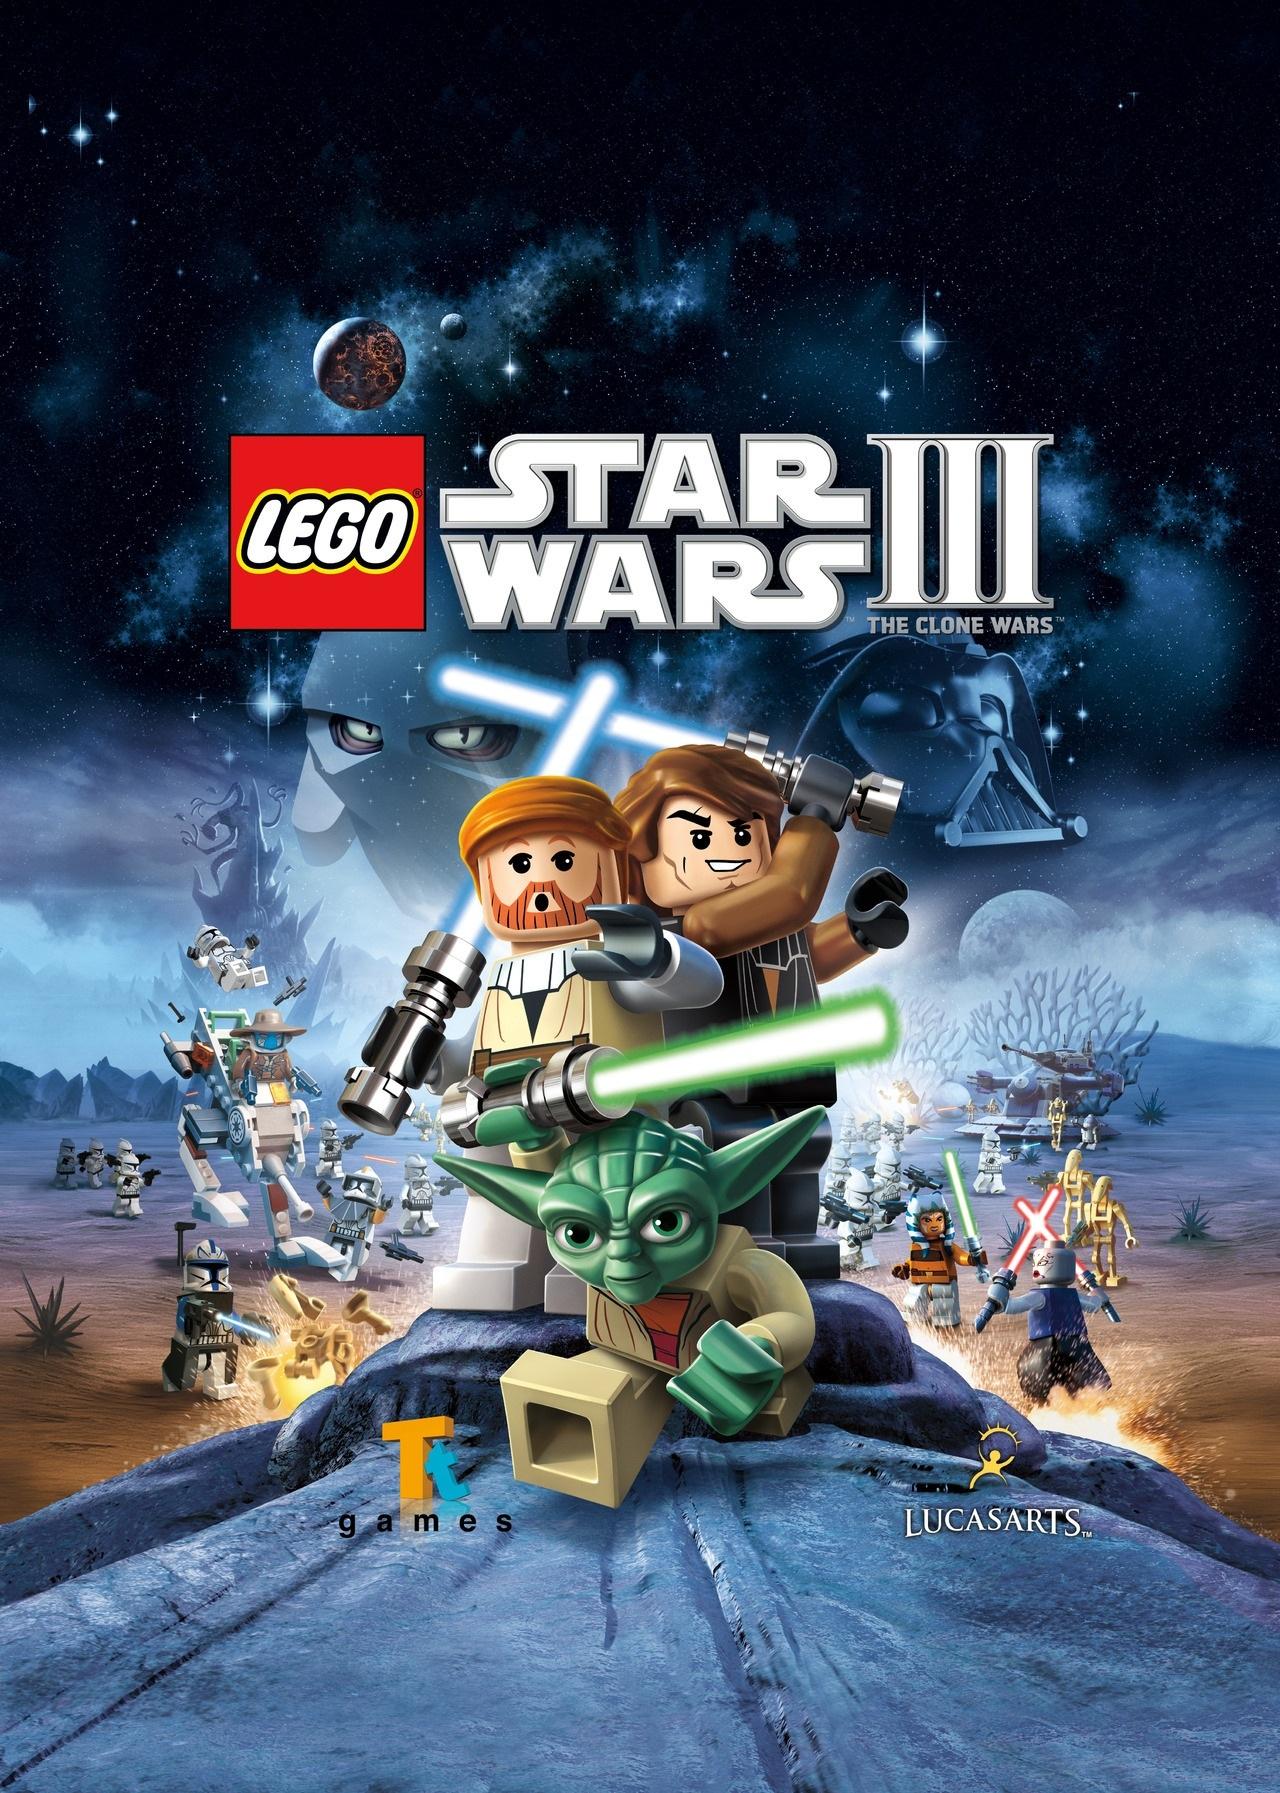 Lego_Star_Wars_III-_The_Clone_Wars.jpeg